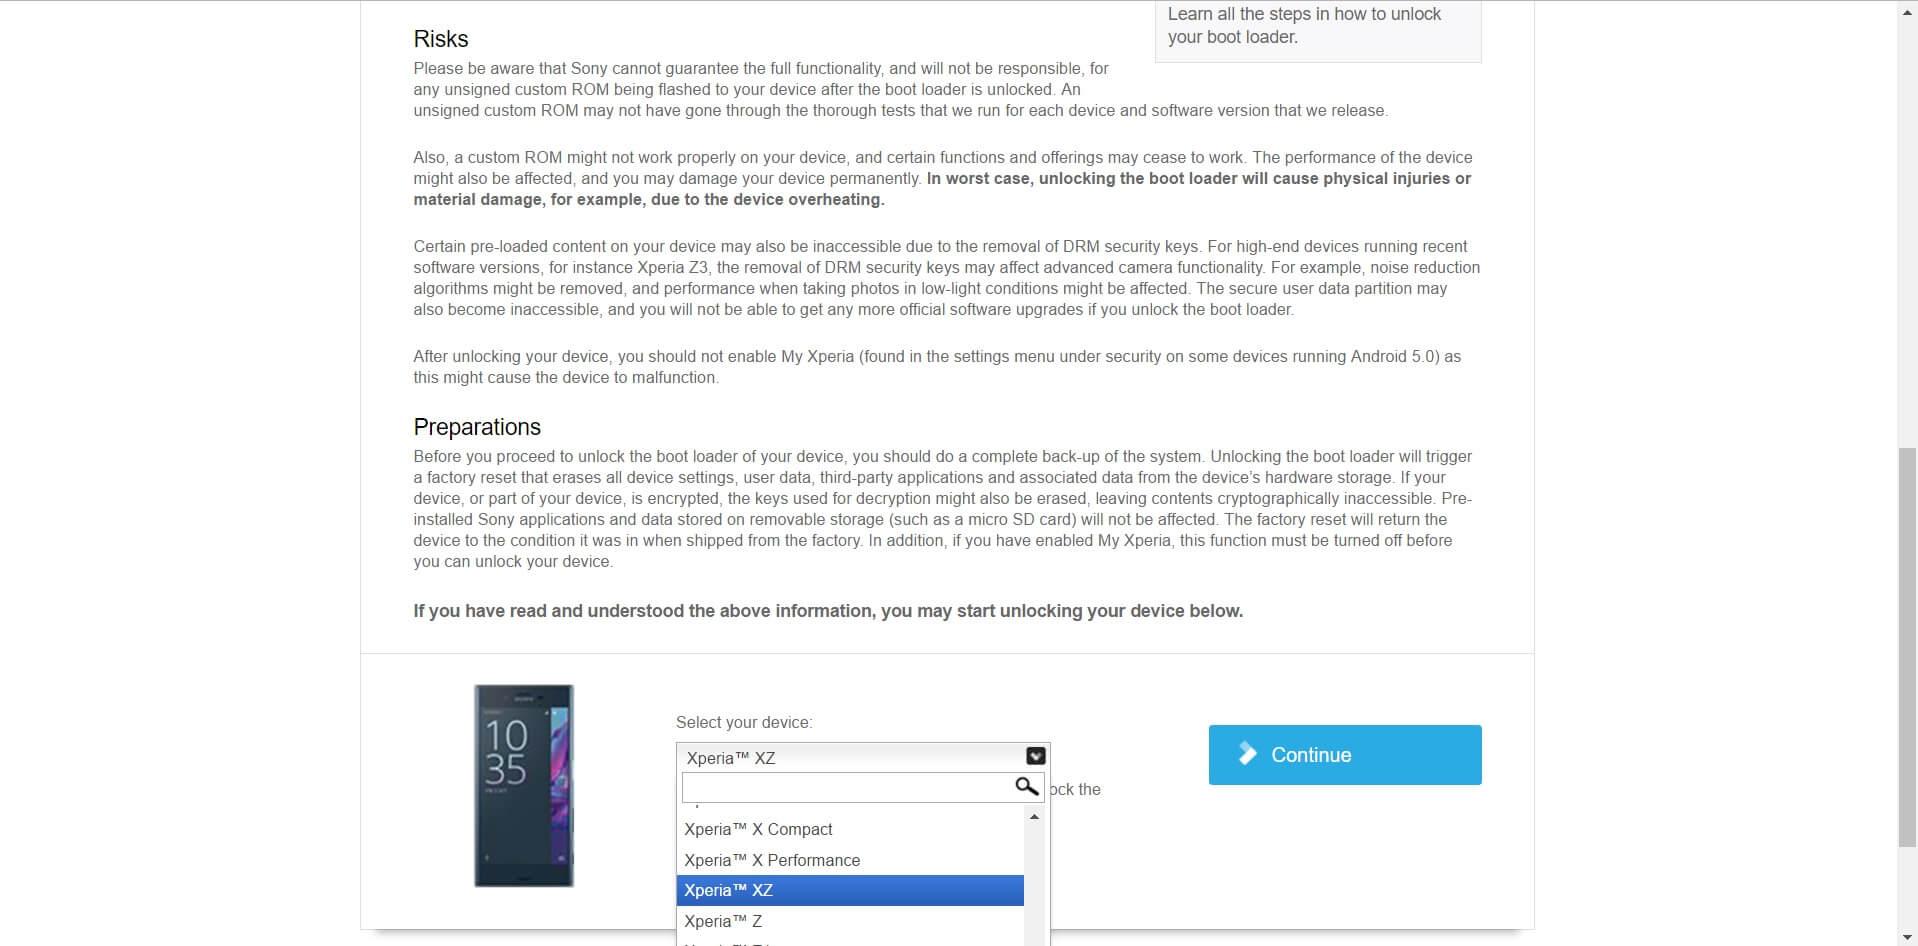 Sony Xperia XZ Unlock Code